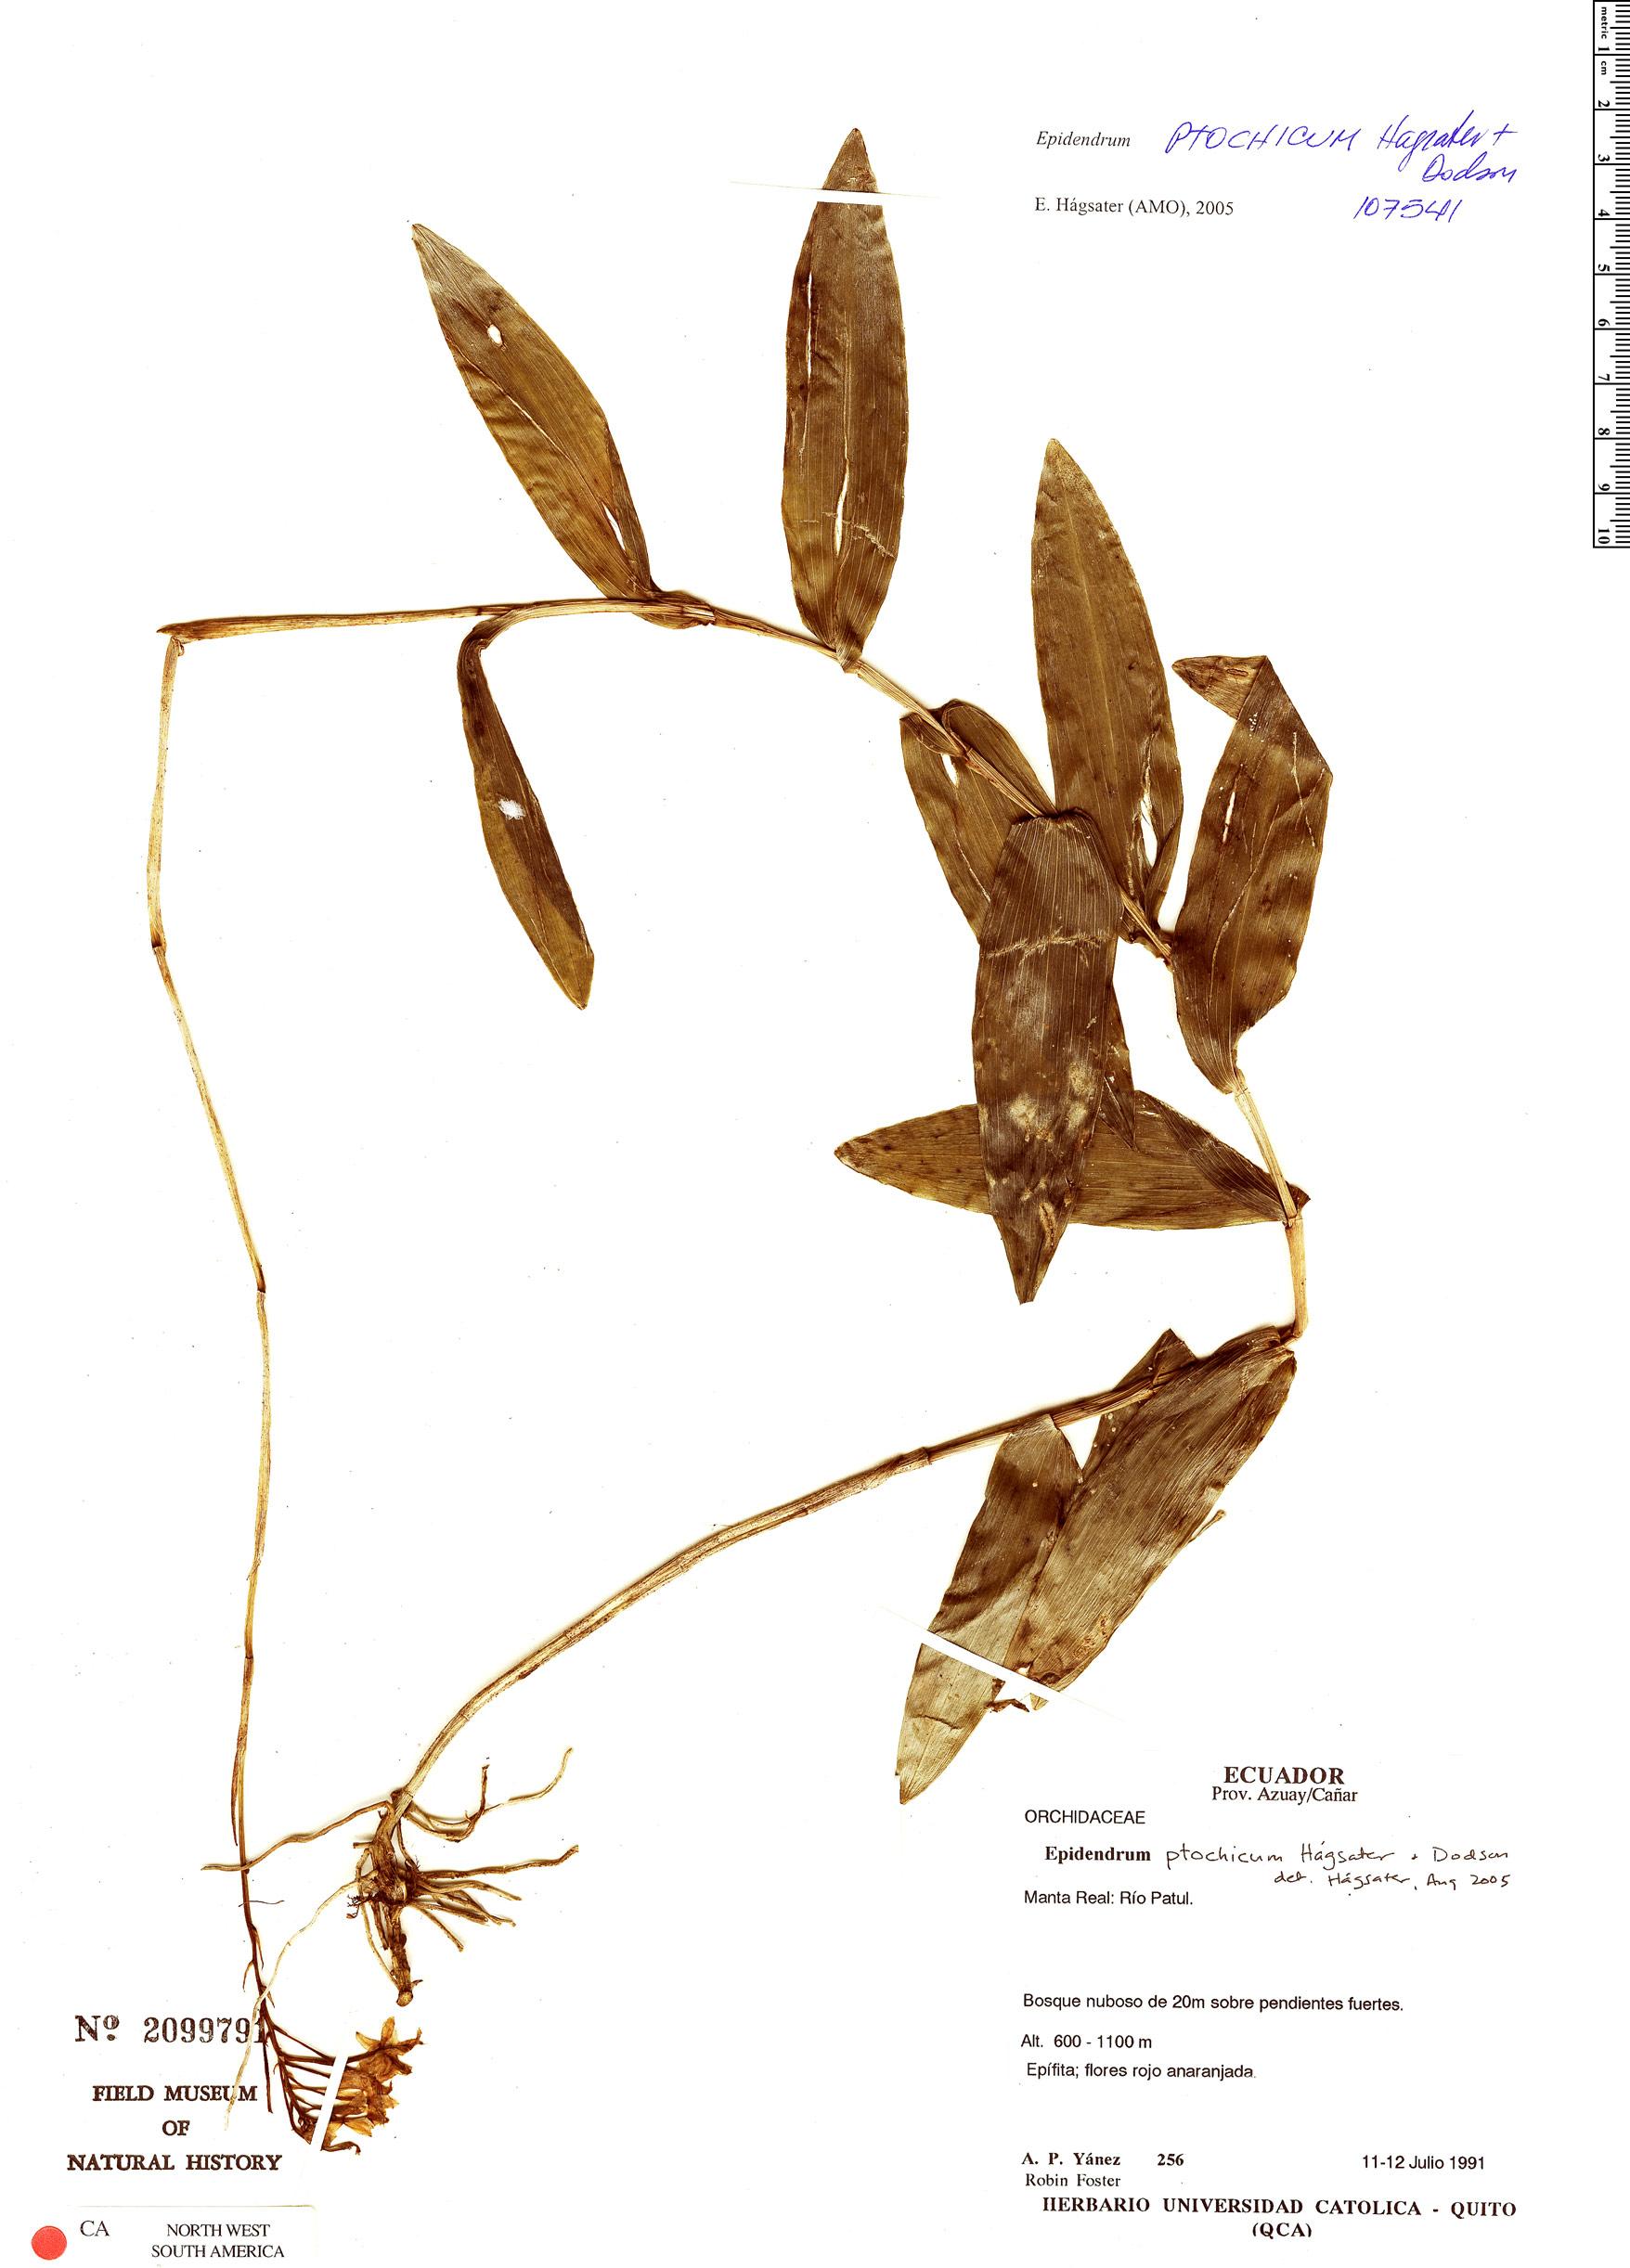 Specimen: Epidendrum ptochicum